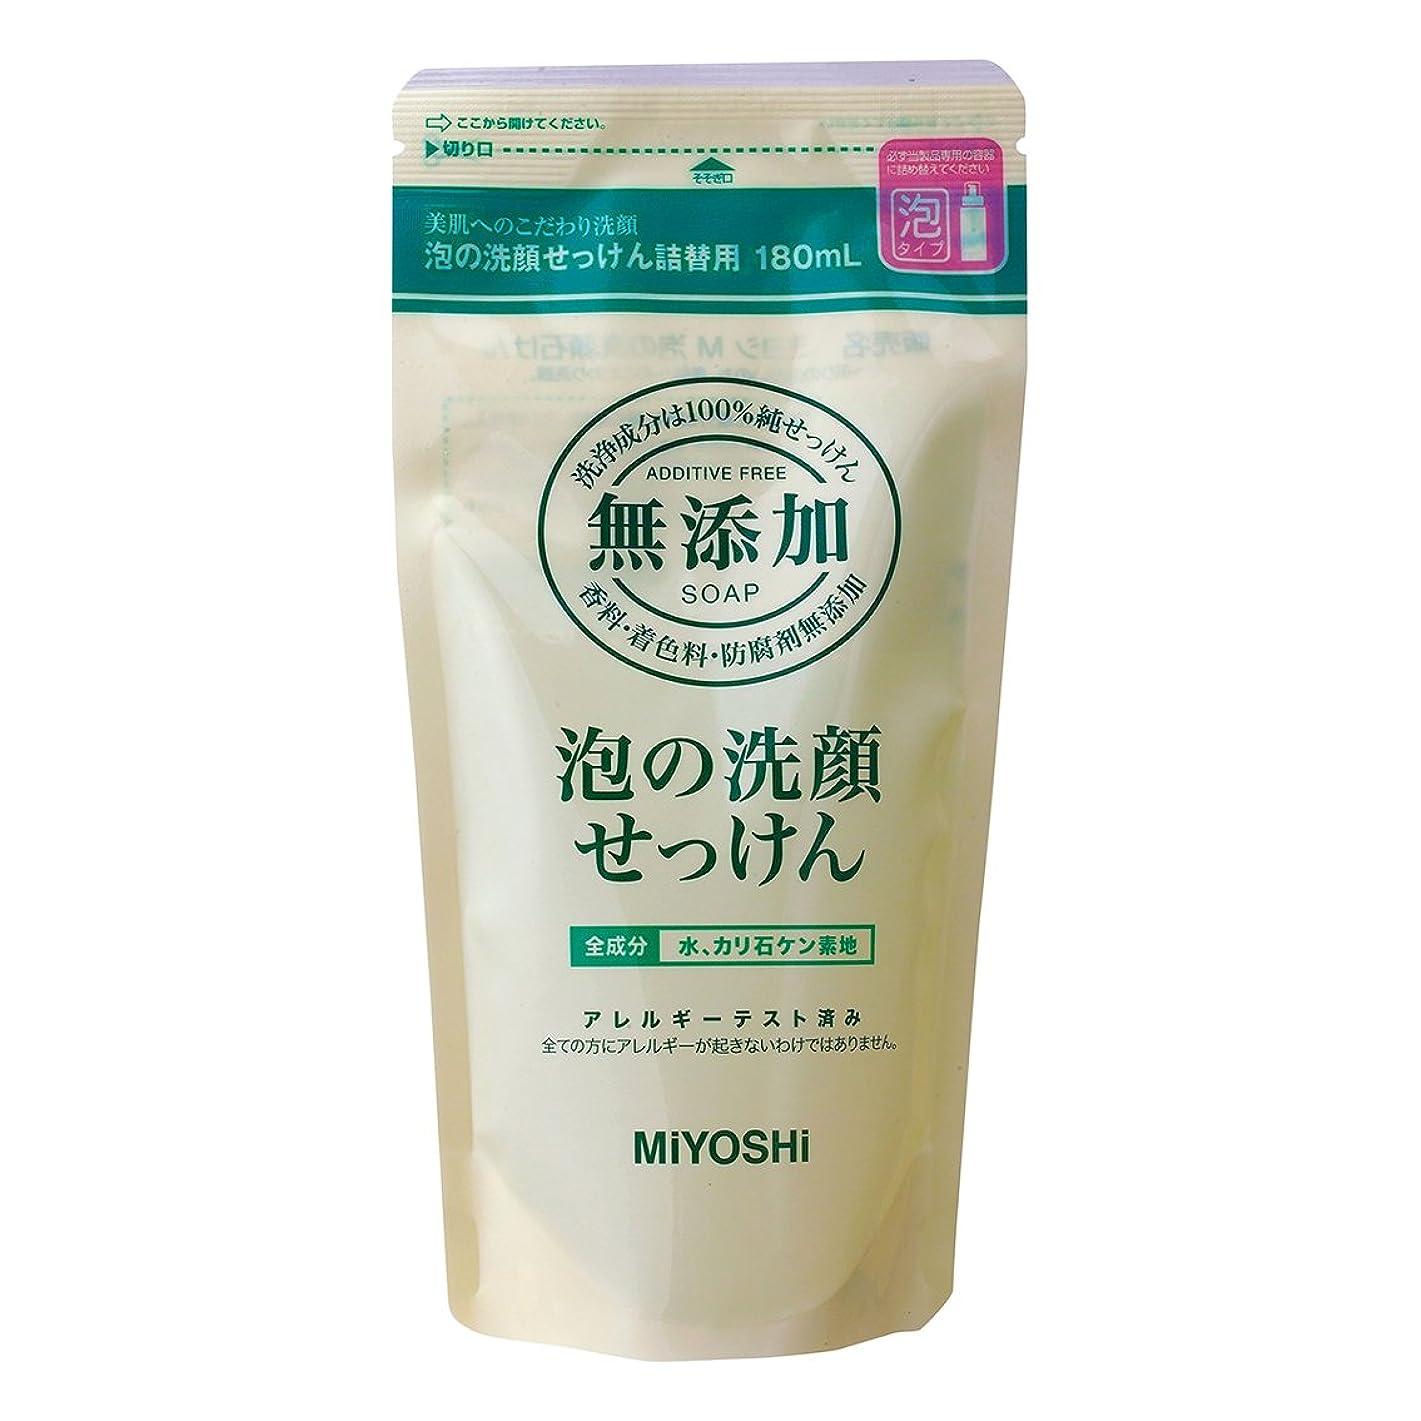 バターメロディートリッキー無添加泡の洗顔せっけん 詰替180ml